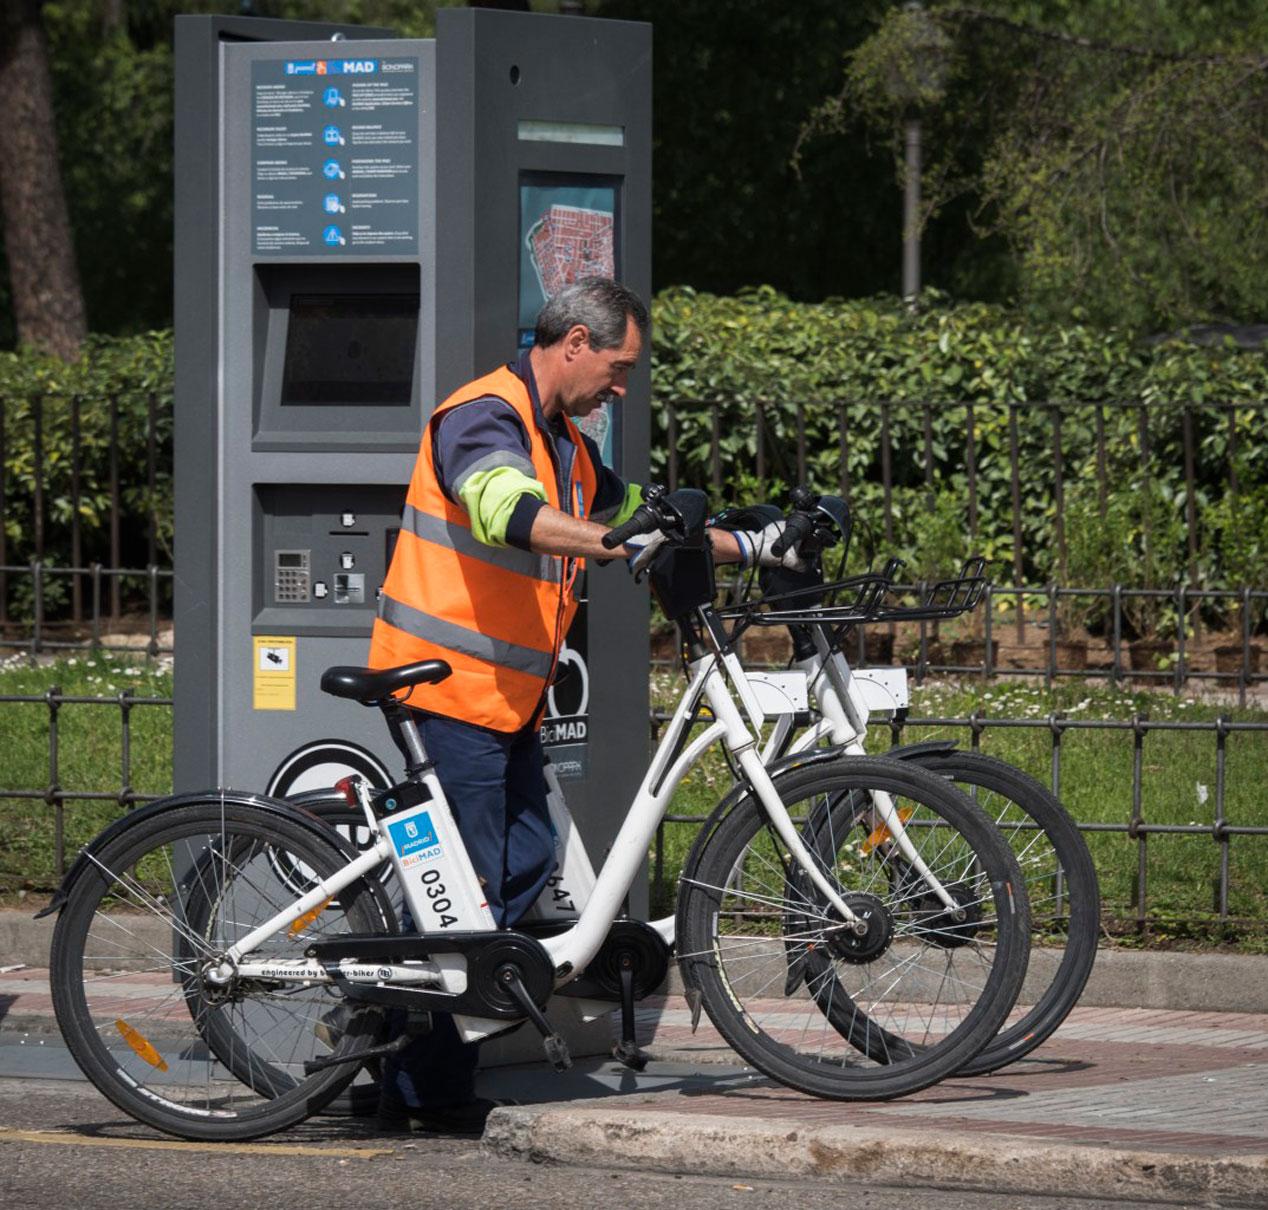 Bicicleta eléctrica: 6 consejos para conducir